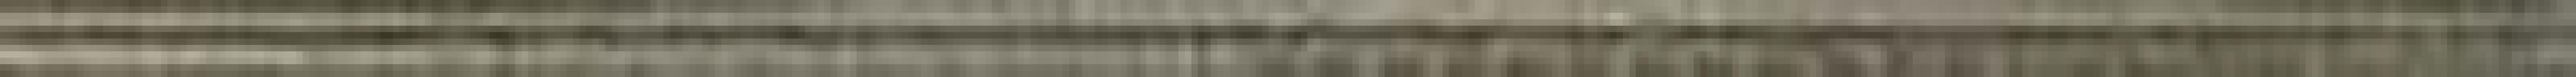 Cen. M-780 1x60